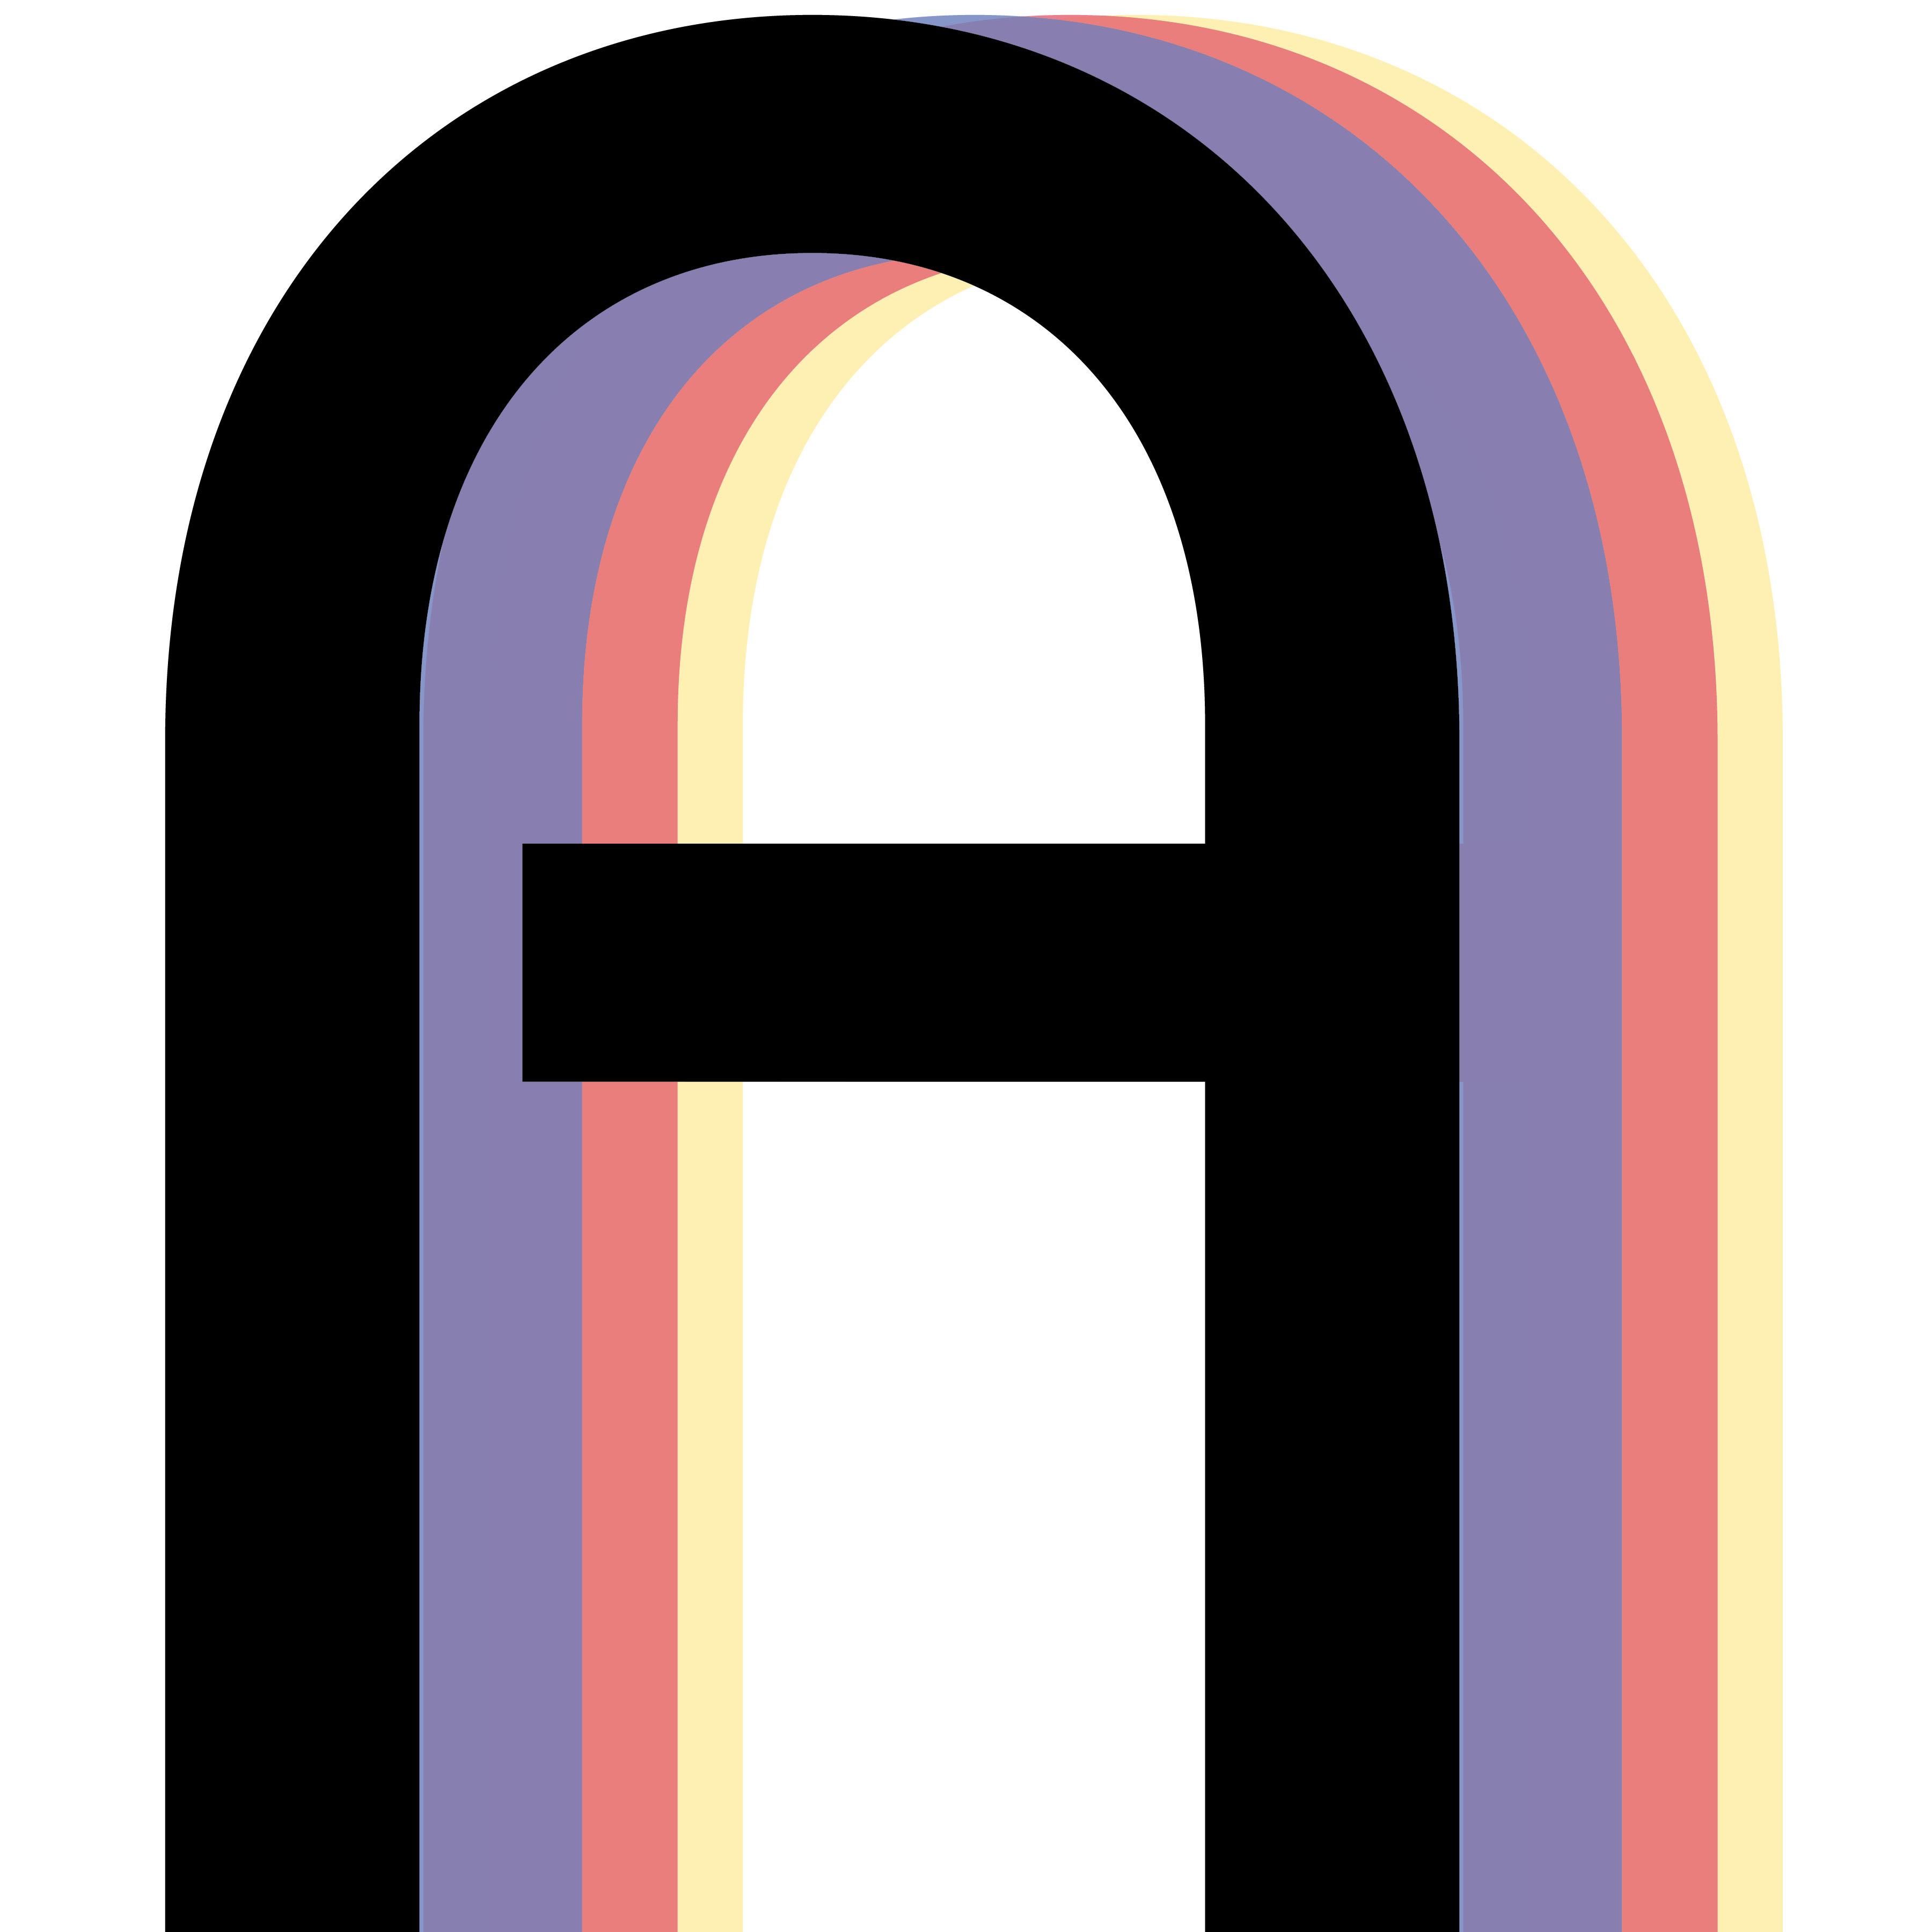 Sakyi-Addo Designs